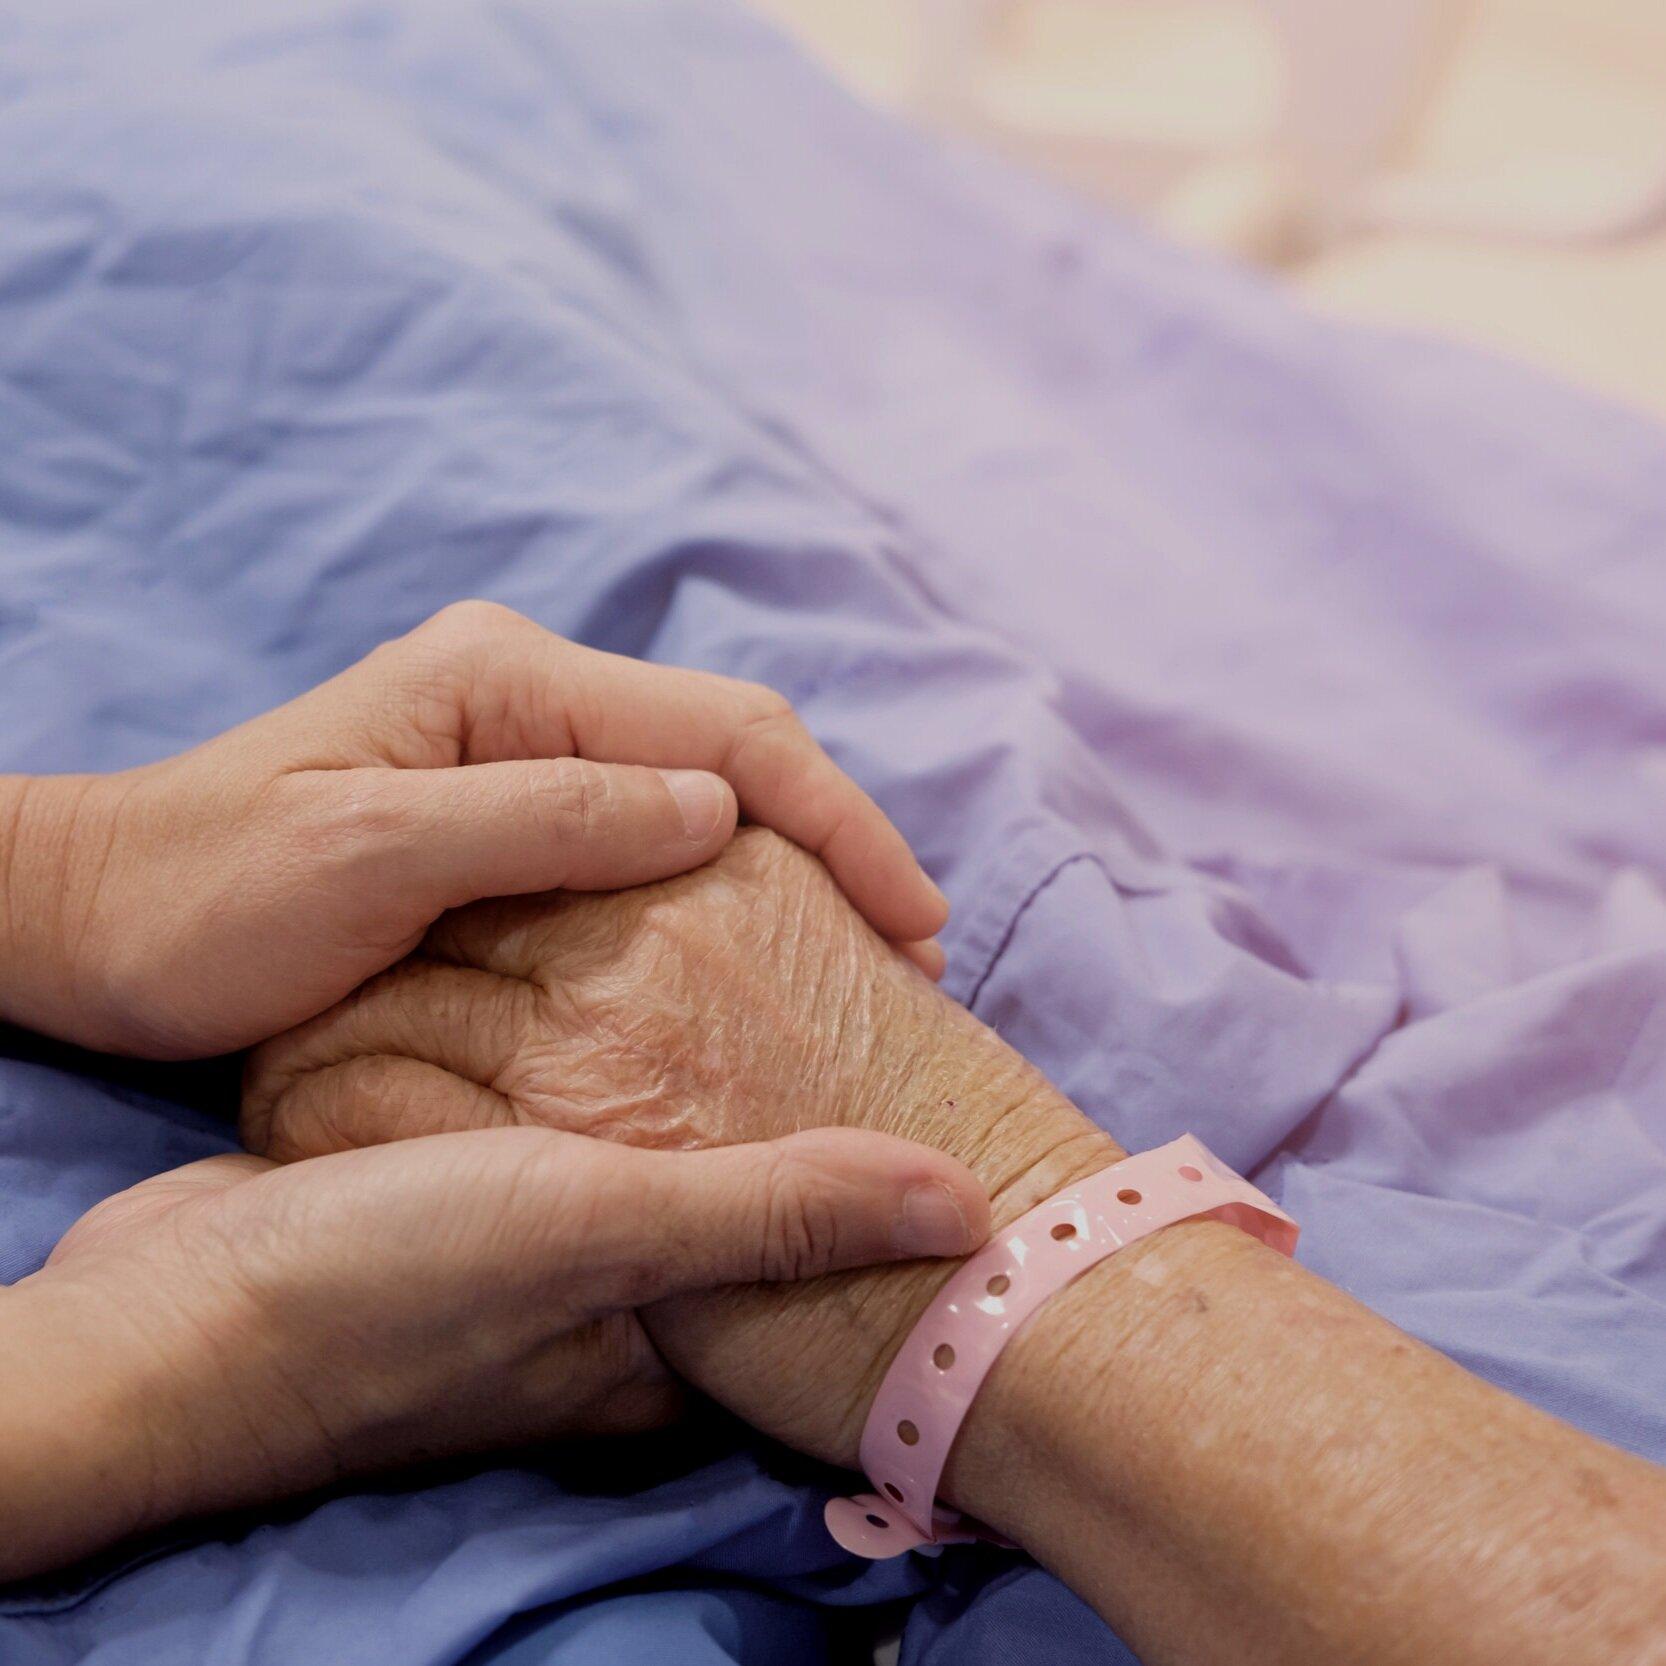 Critical care Medicine -